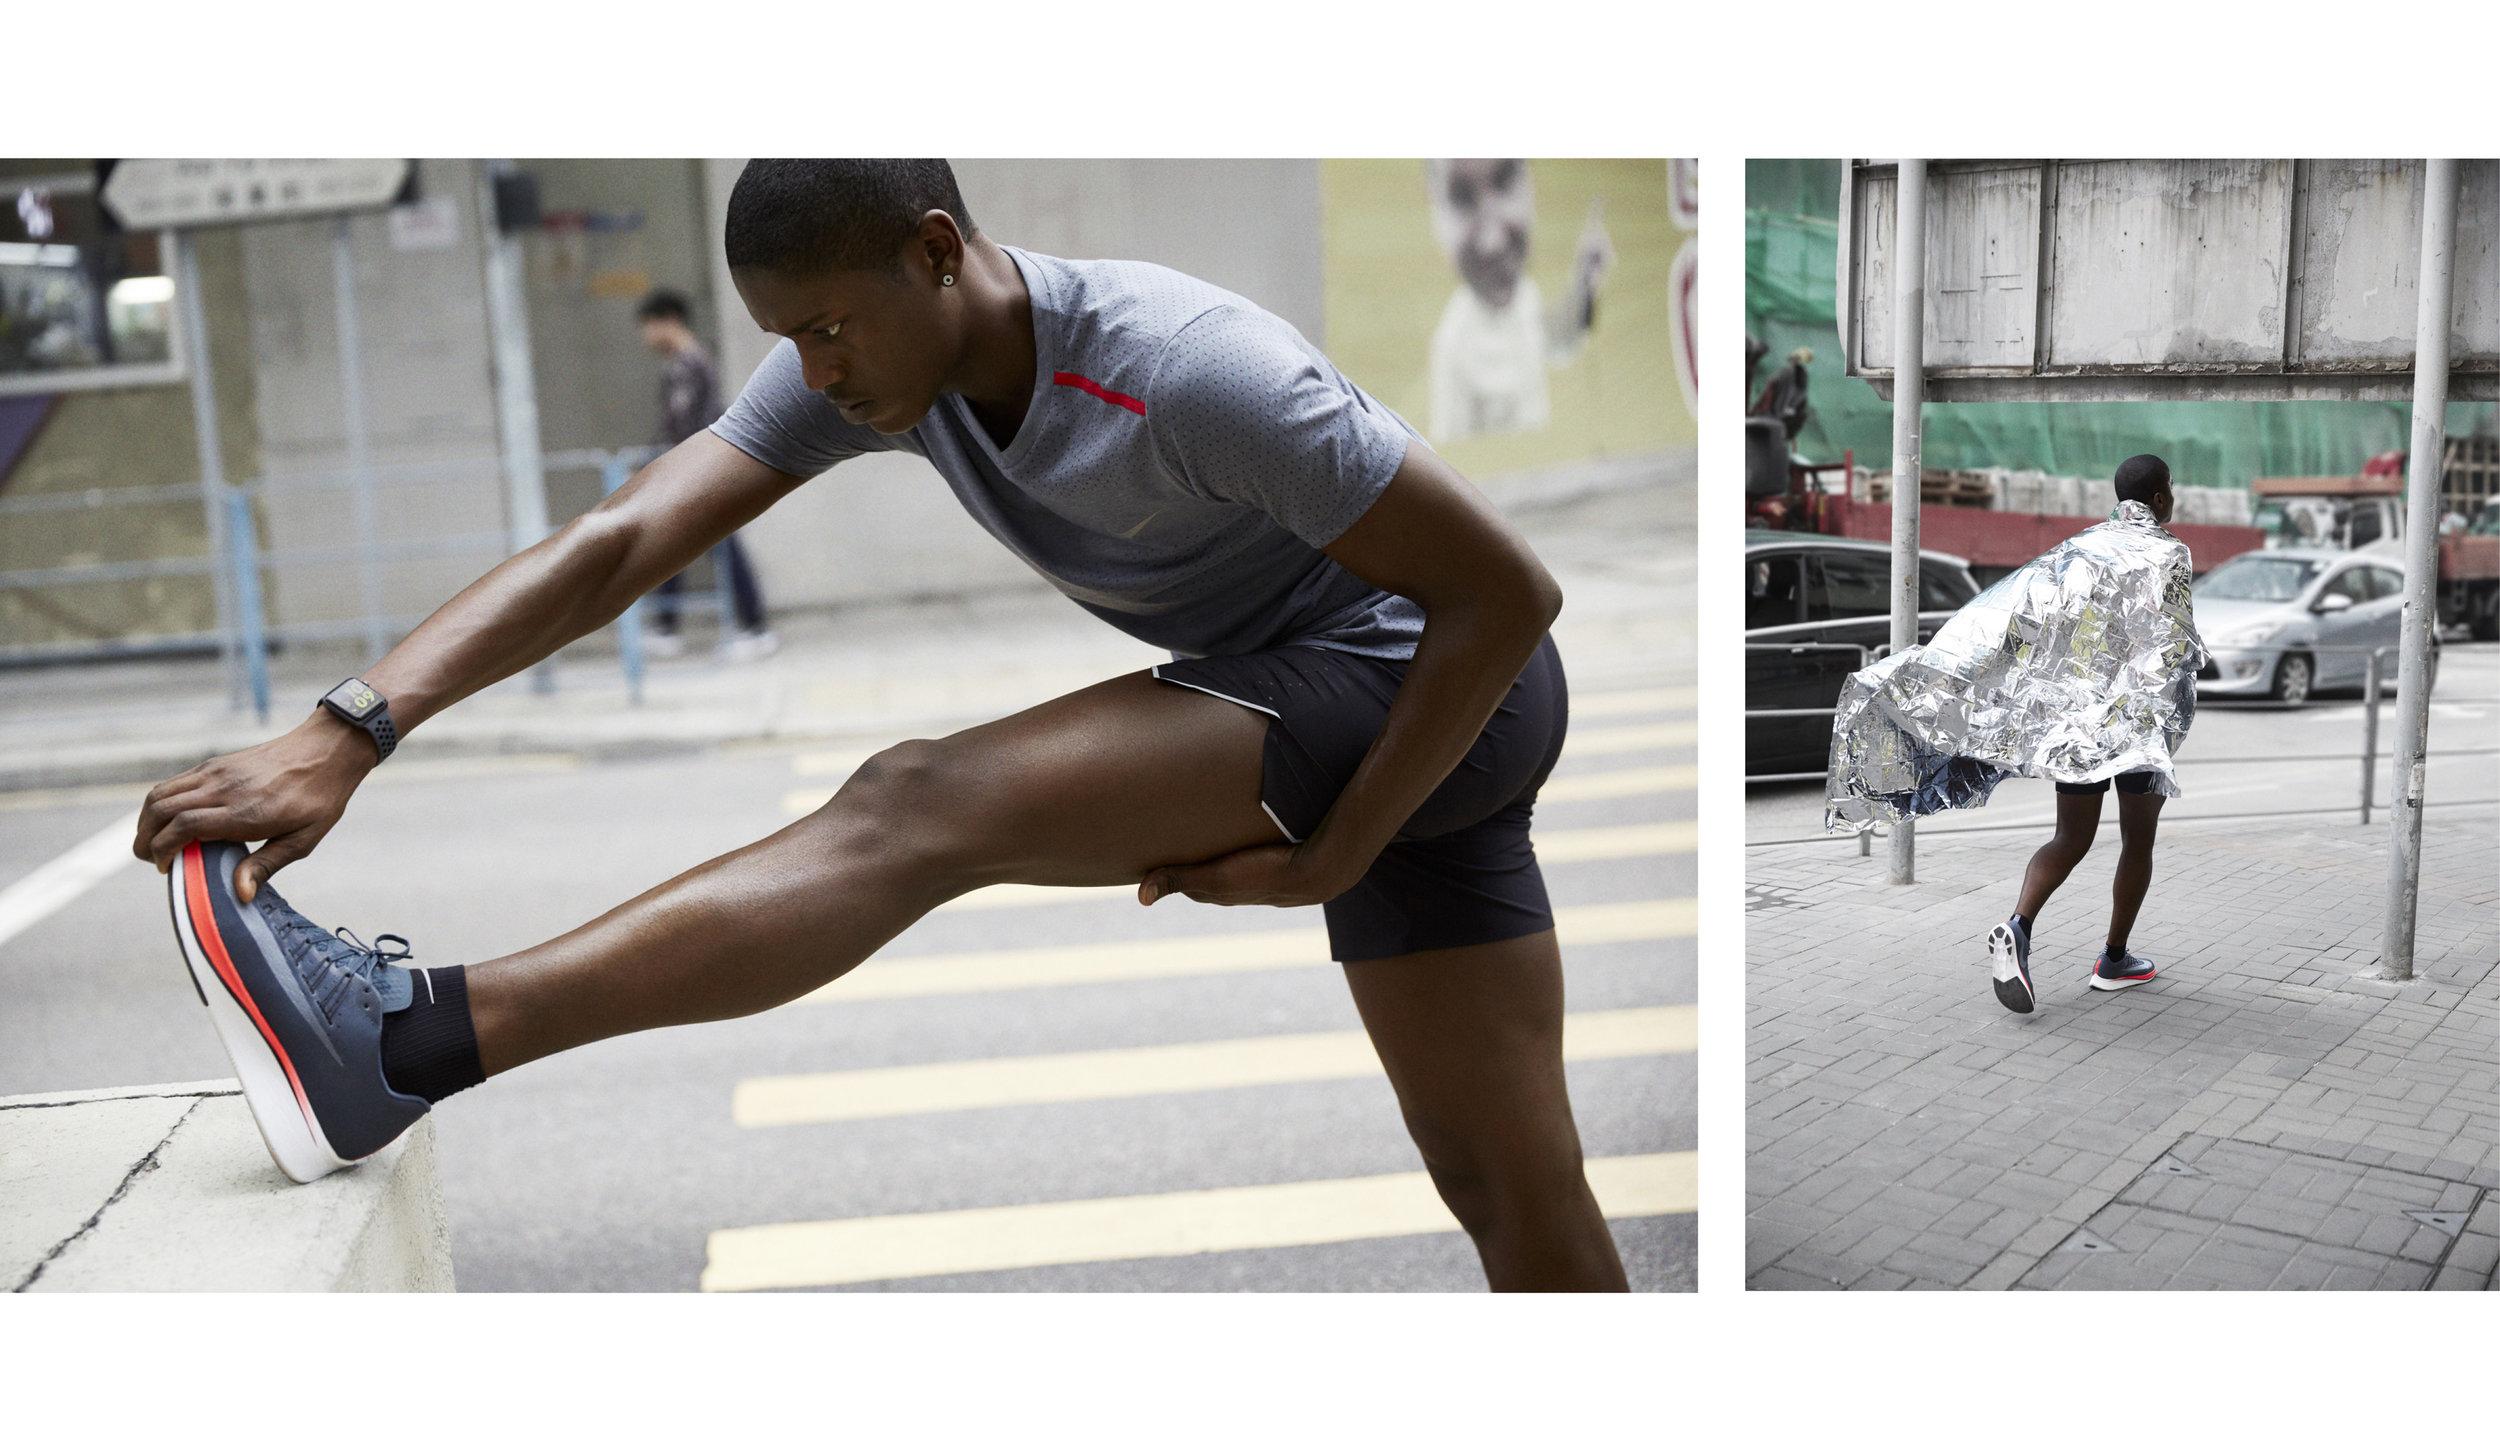 JWDTAN_Nike_Running_HK9.jpg